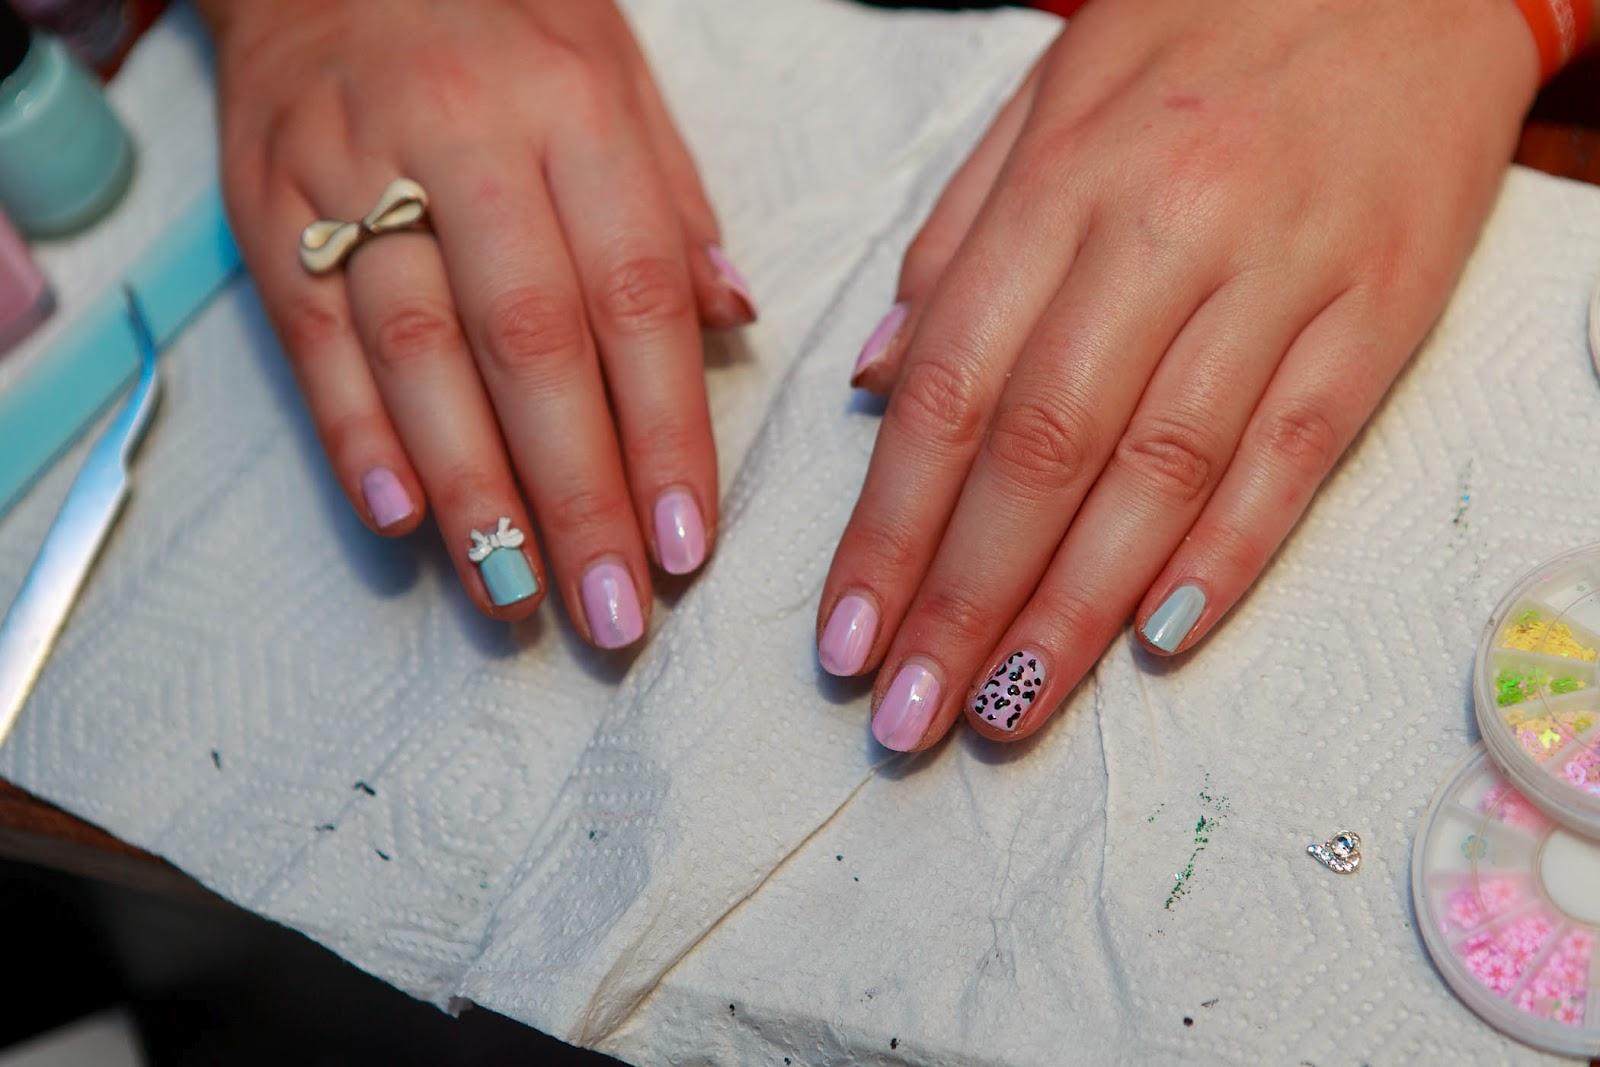 Nice Nails Baby - ChloePierreLDN